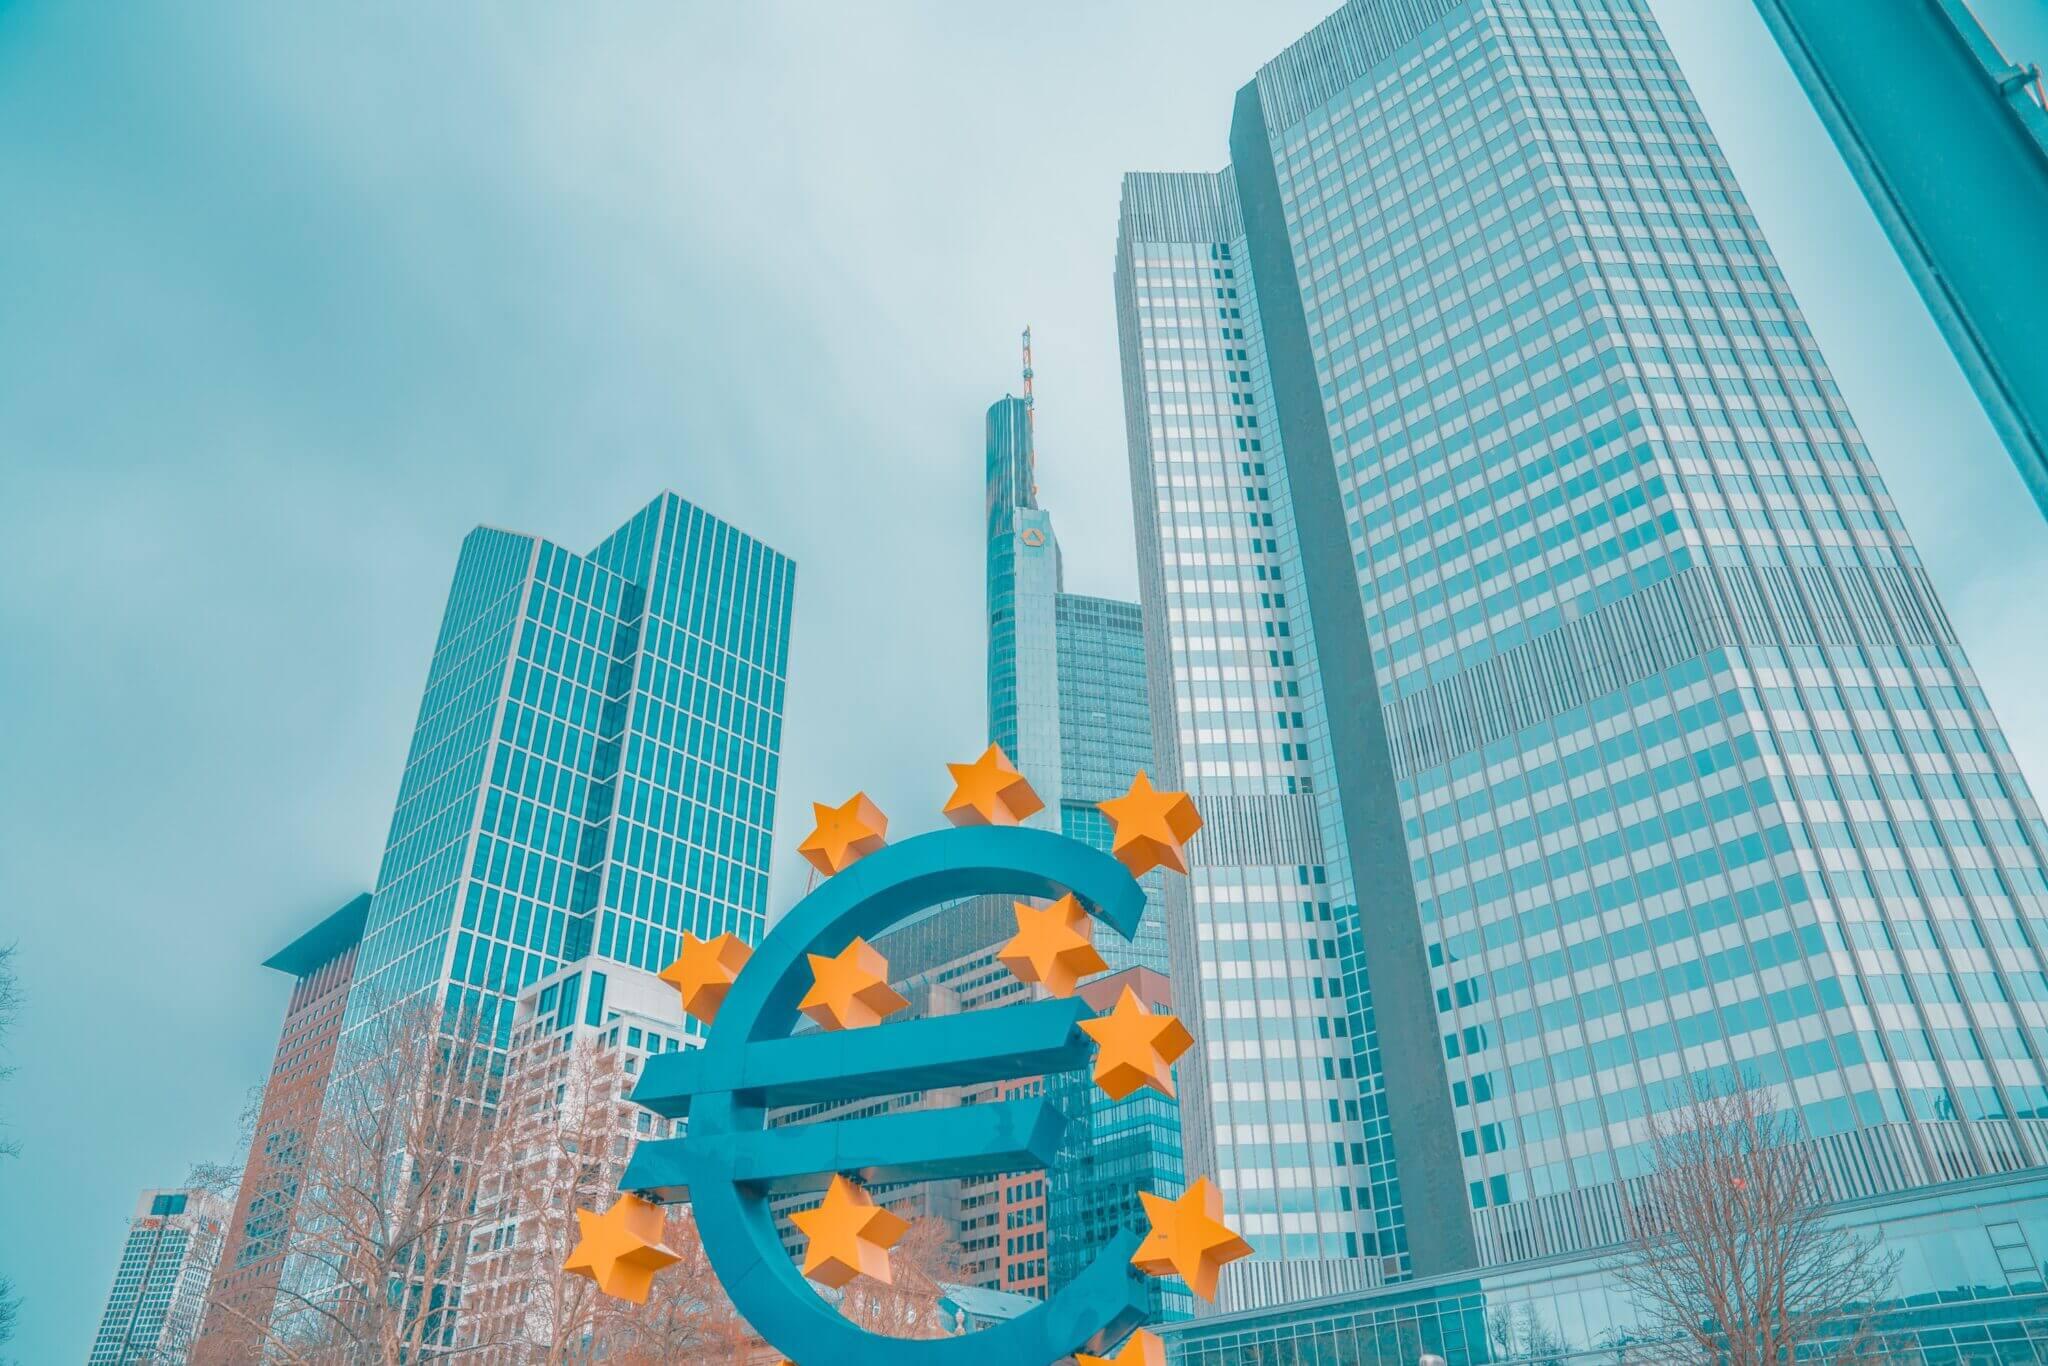 Frankfurt - Photo by Maryna Yazbeck on Unsplash